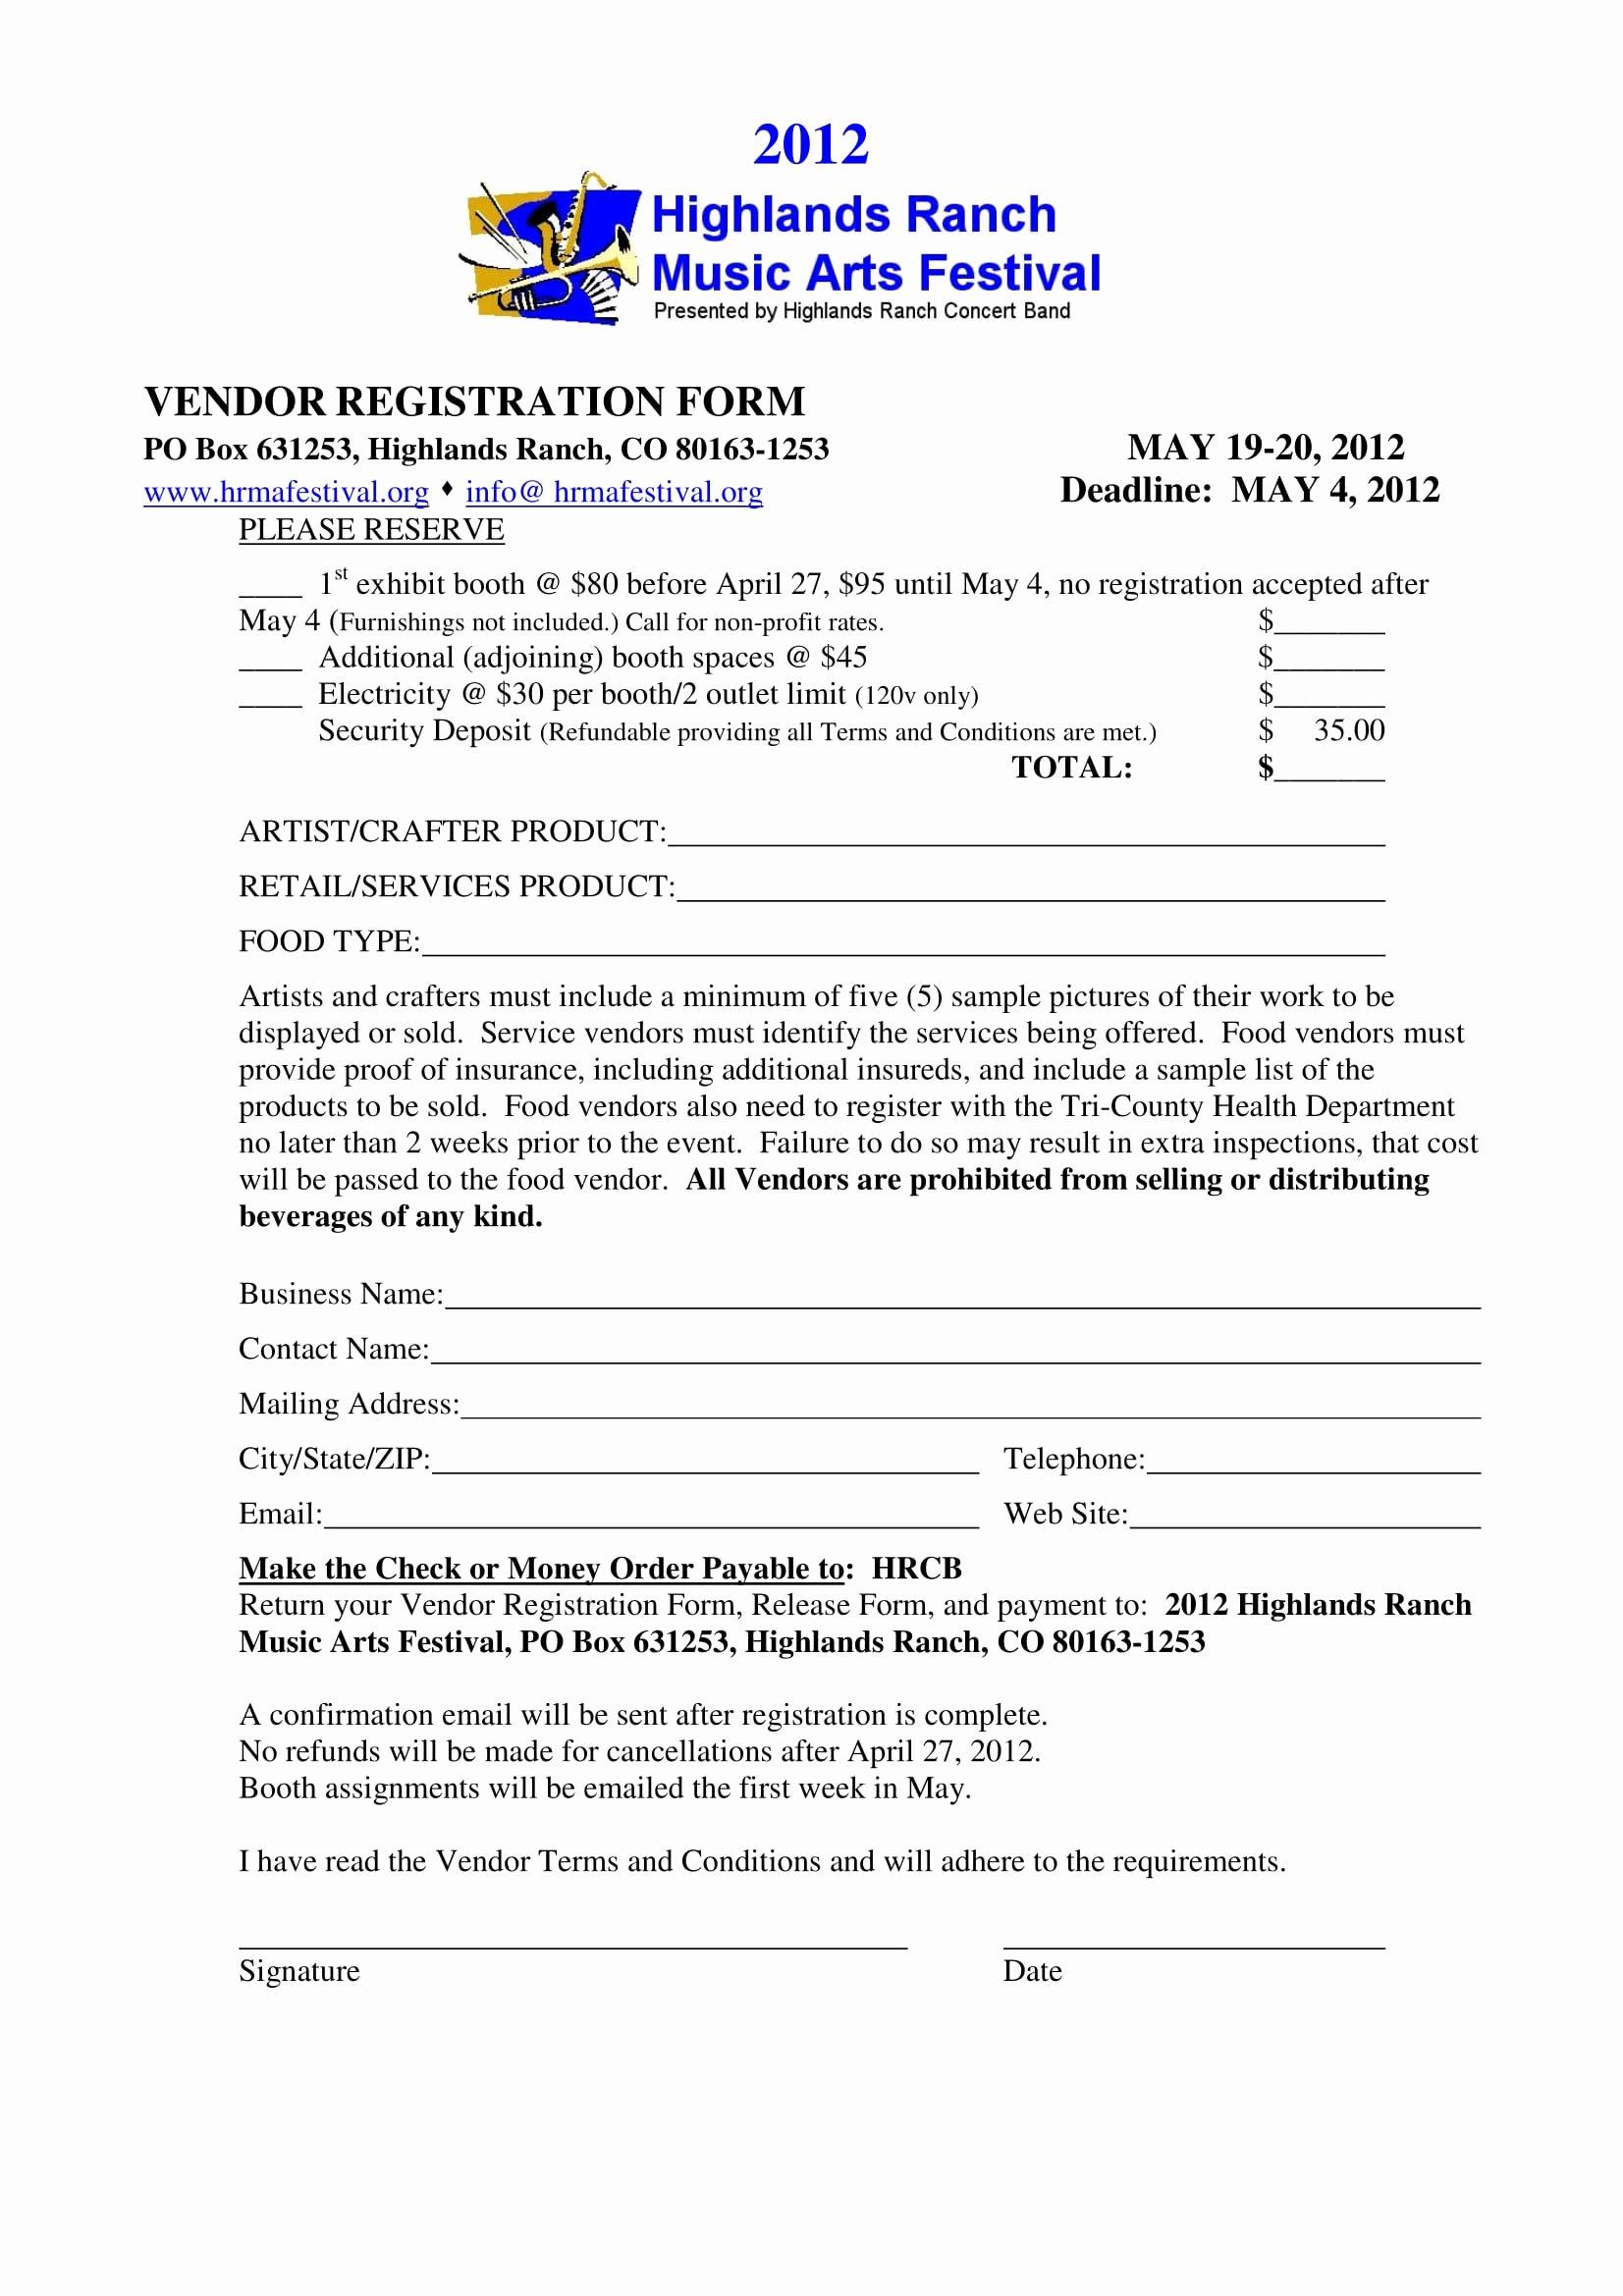 event vendor registration forms